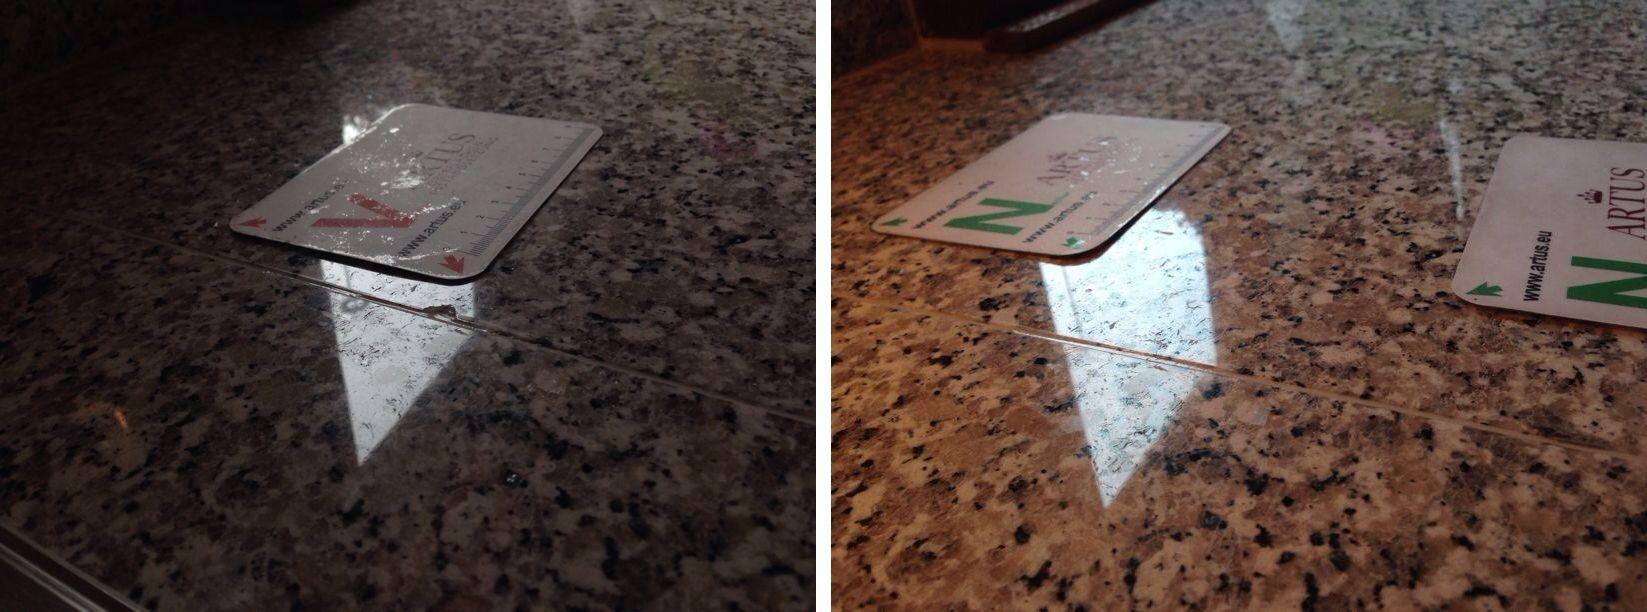 Abplatzung Instandsetzung Reparatur Beschaedigung Schaden Sanierung Reklamation Garantie Gewaehrleistung Oberflaeche Kunststein Natursteine Reparatur